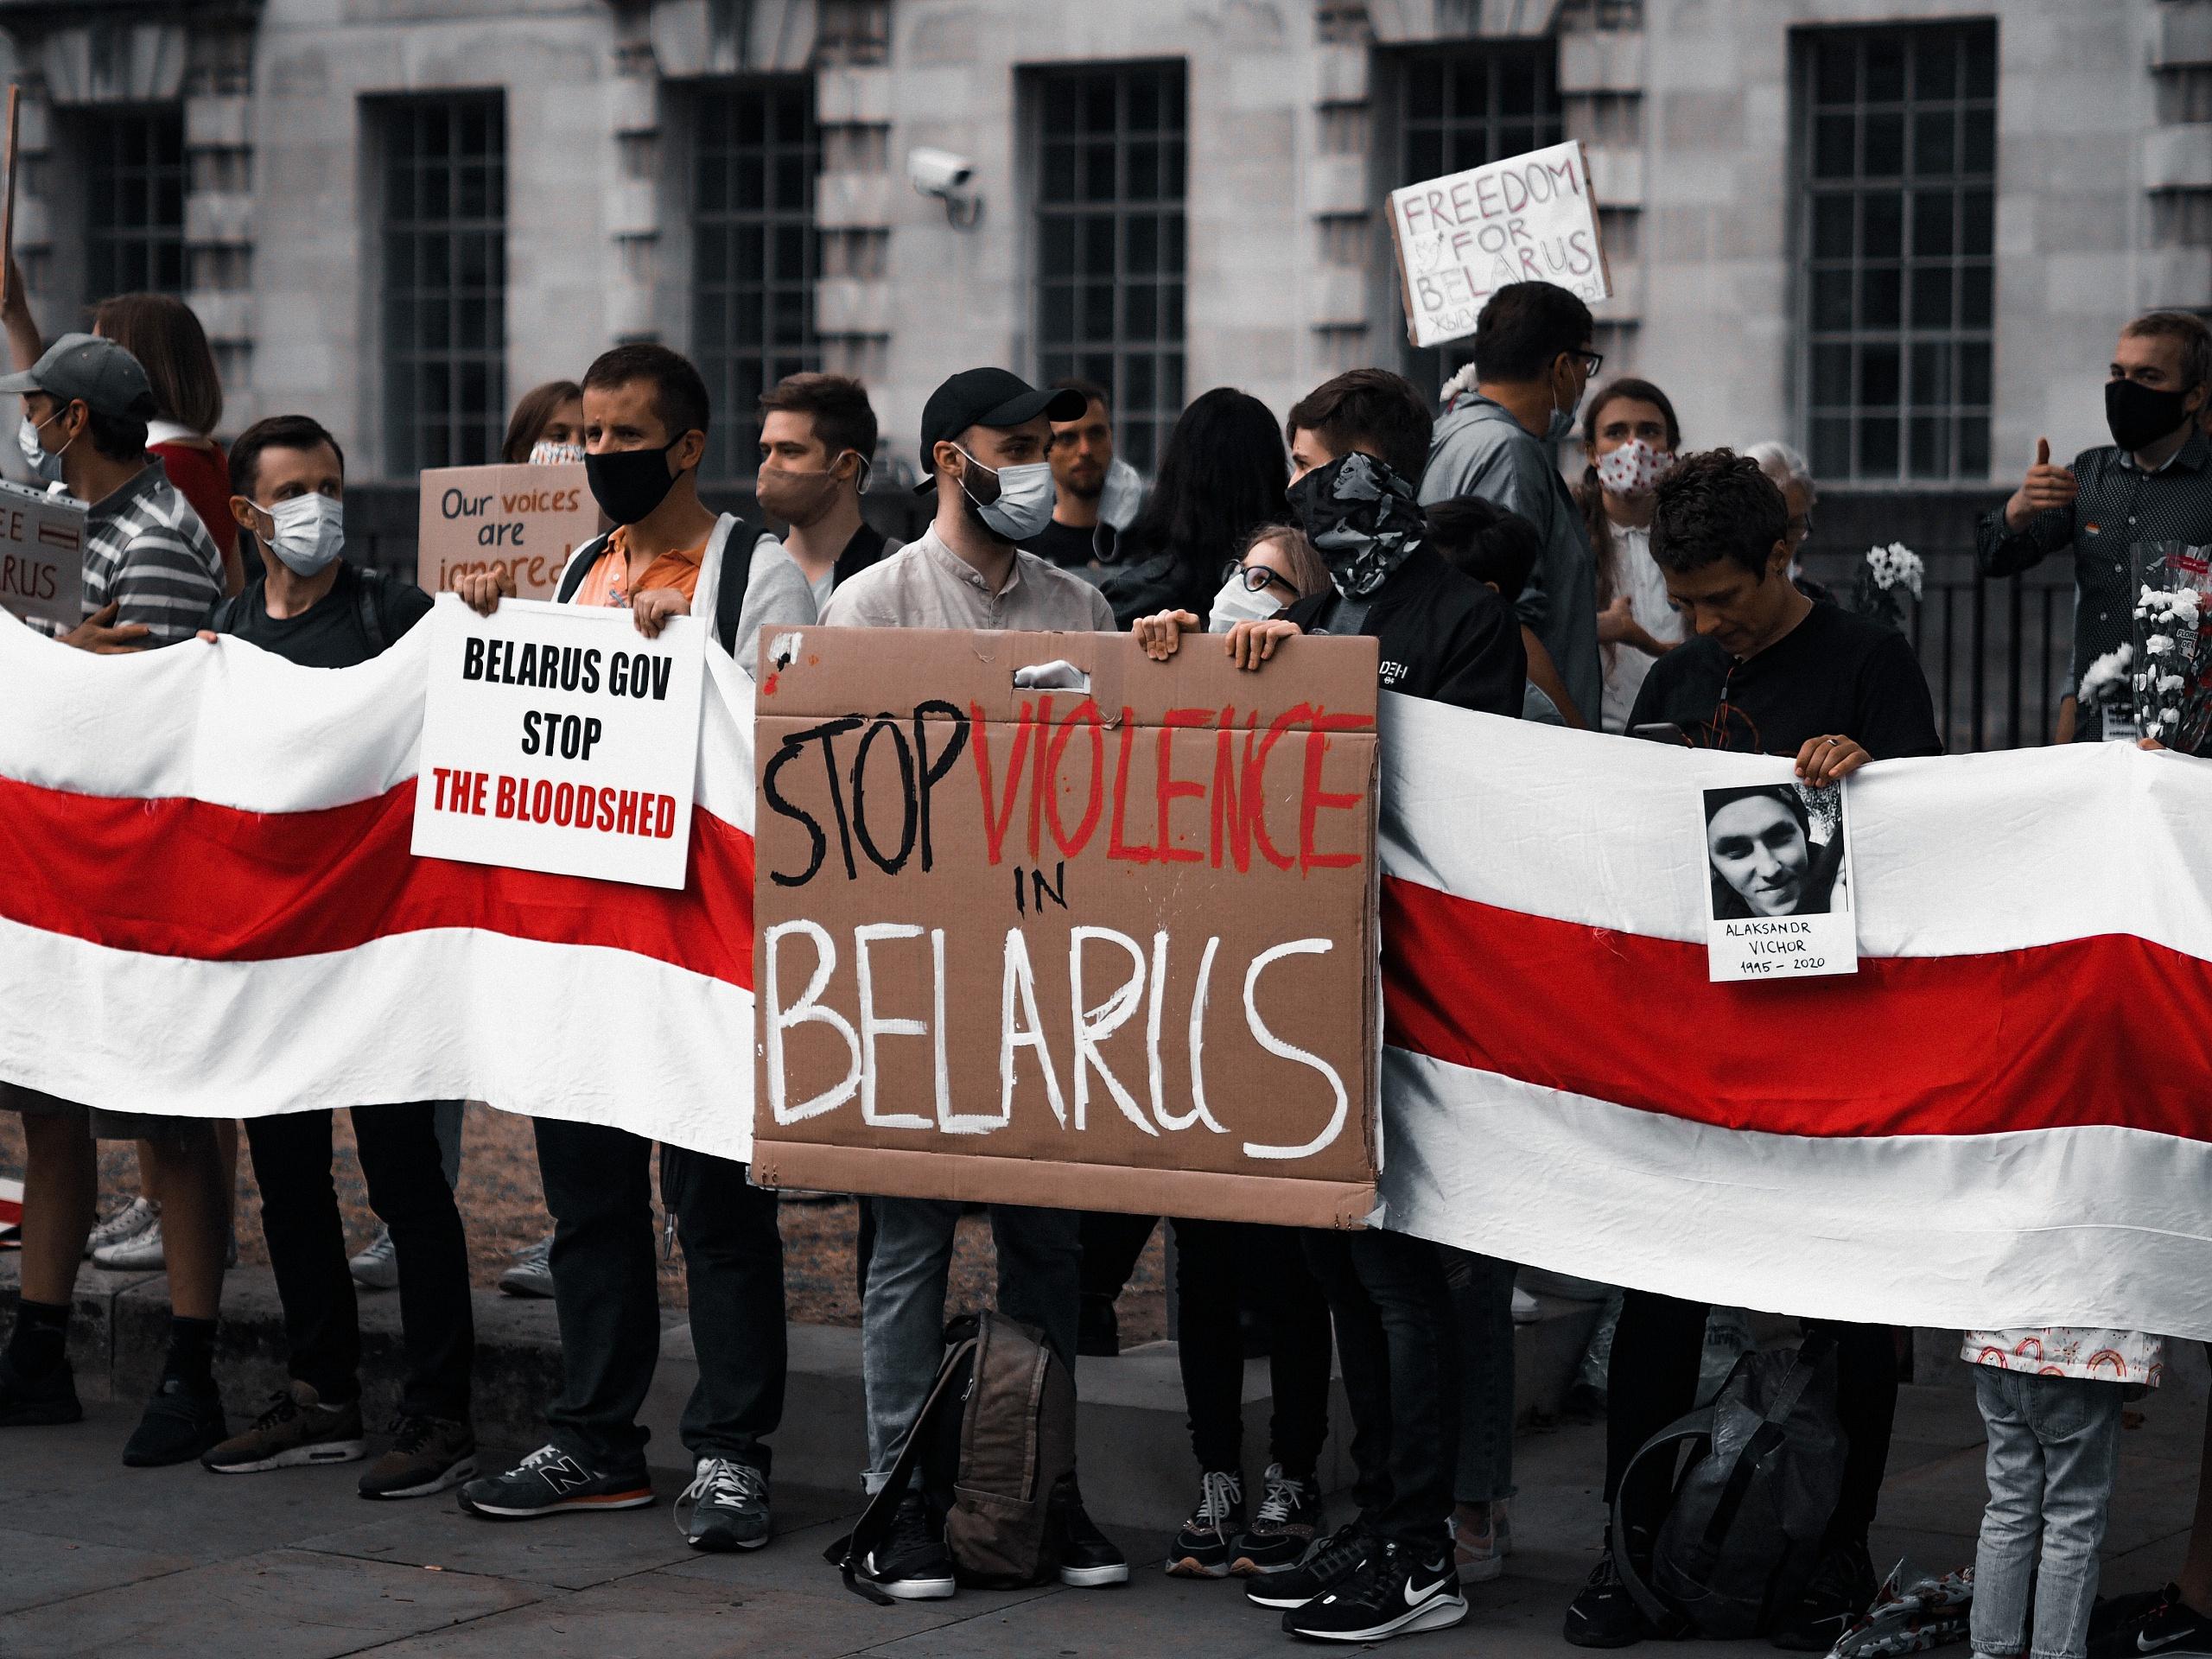 Belarus: Torture, Deaths & Mass-arrests